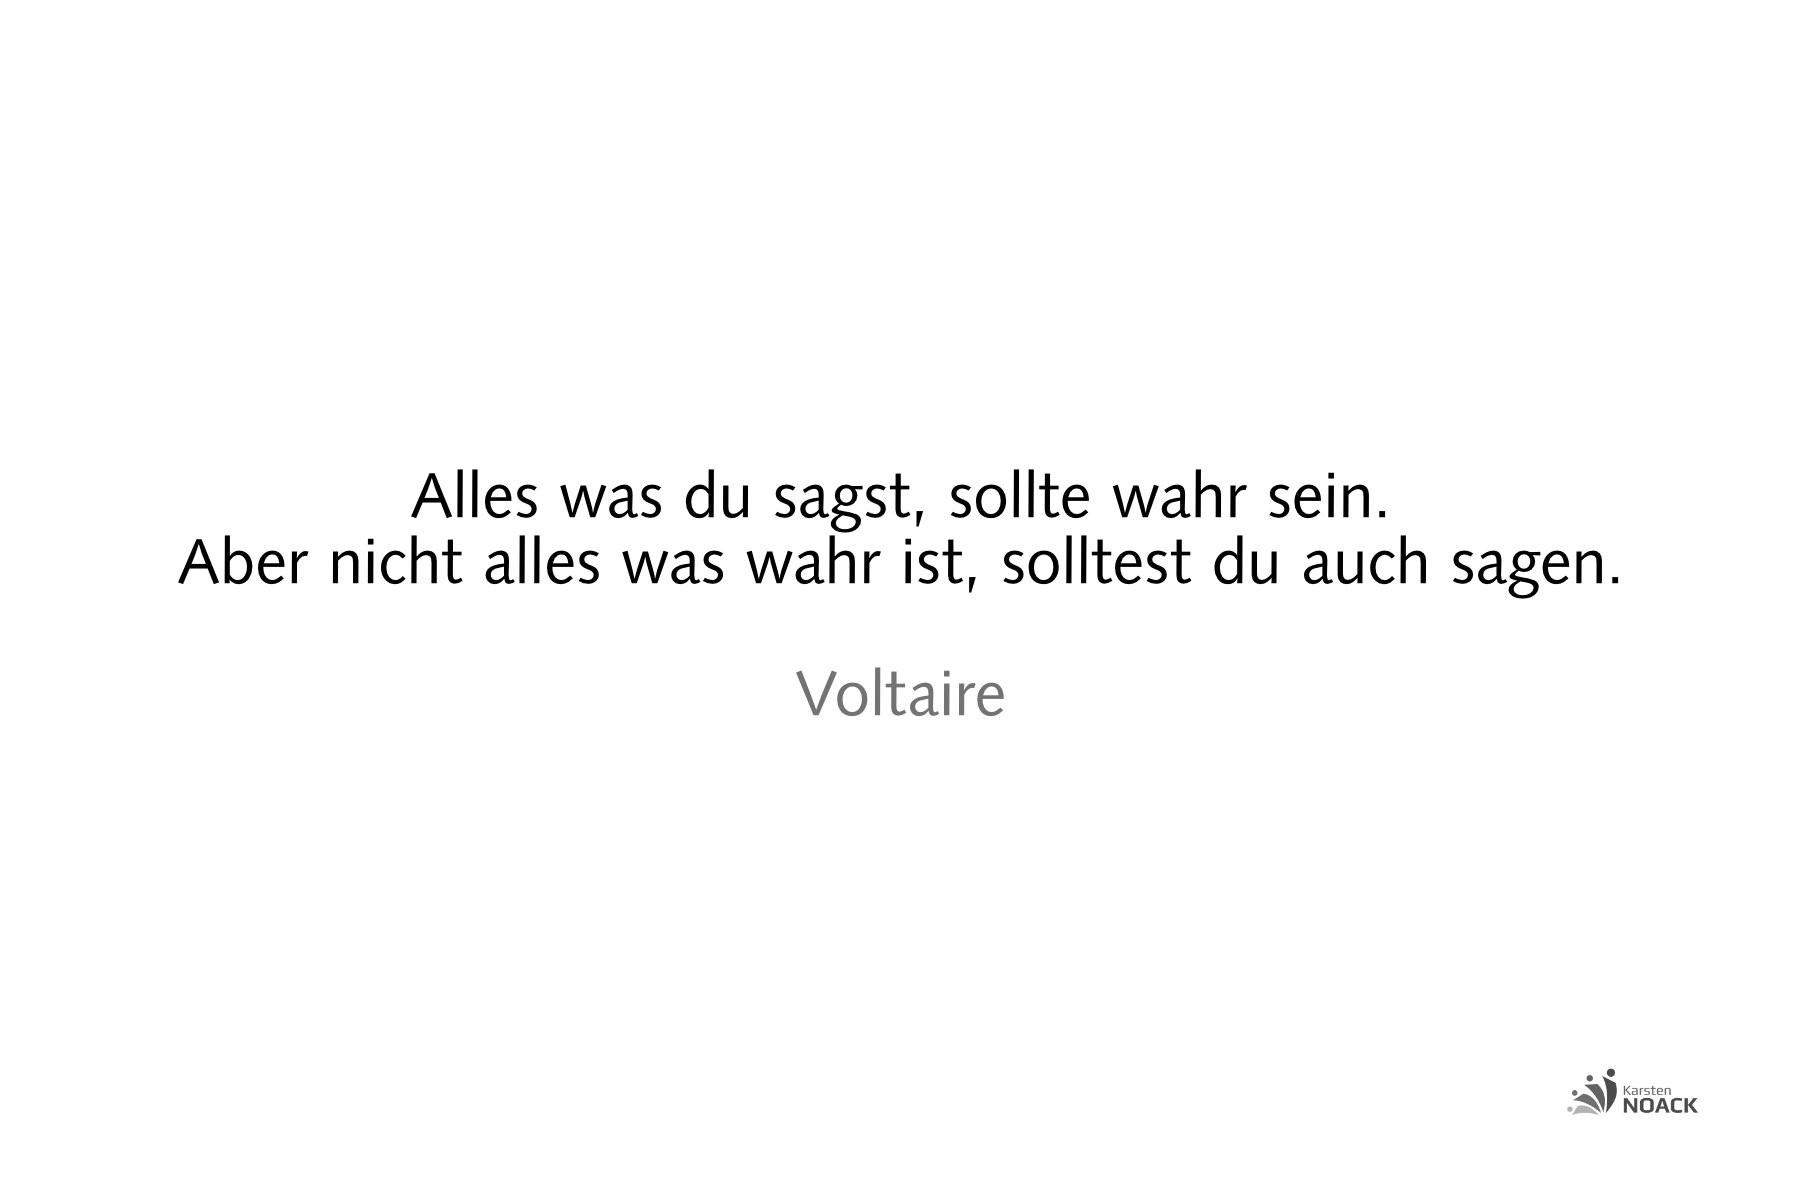 VoltaireAlles was du sagst, sollte wahr sein. Aber nicht alles was wahr ist, solltest du auch sagen. Voltaire